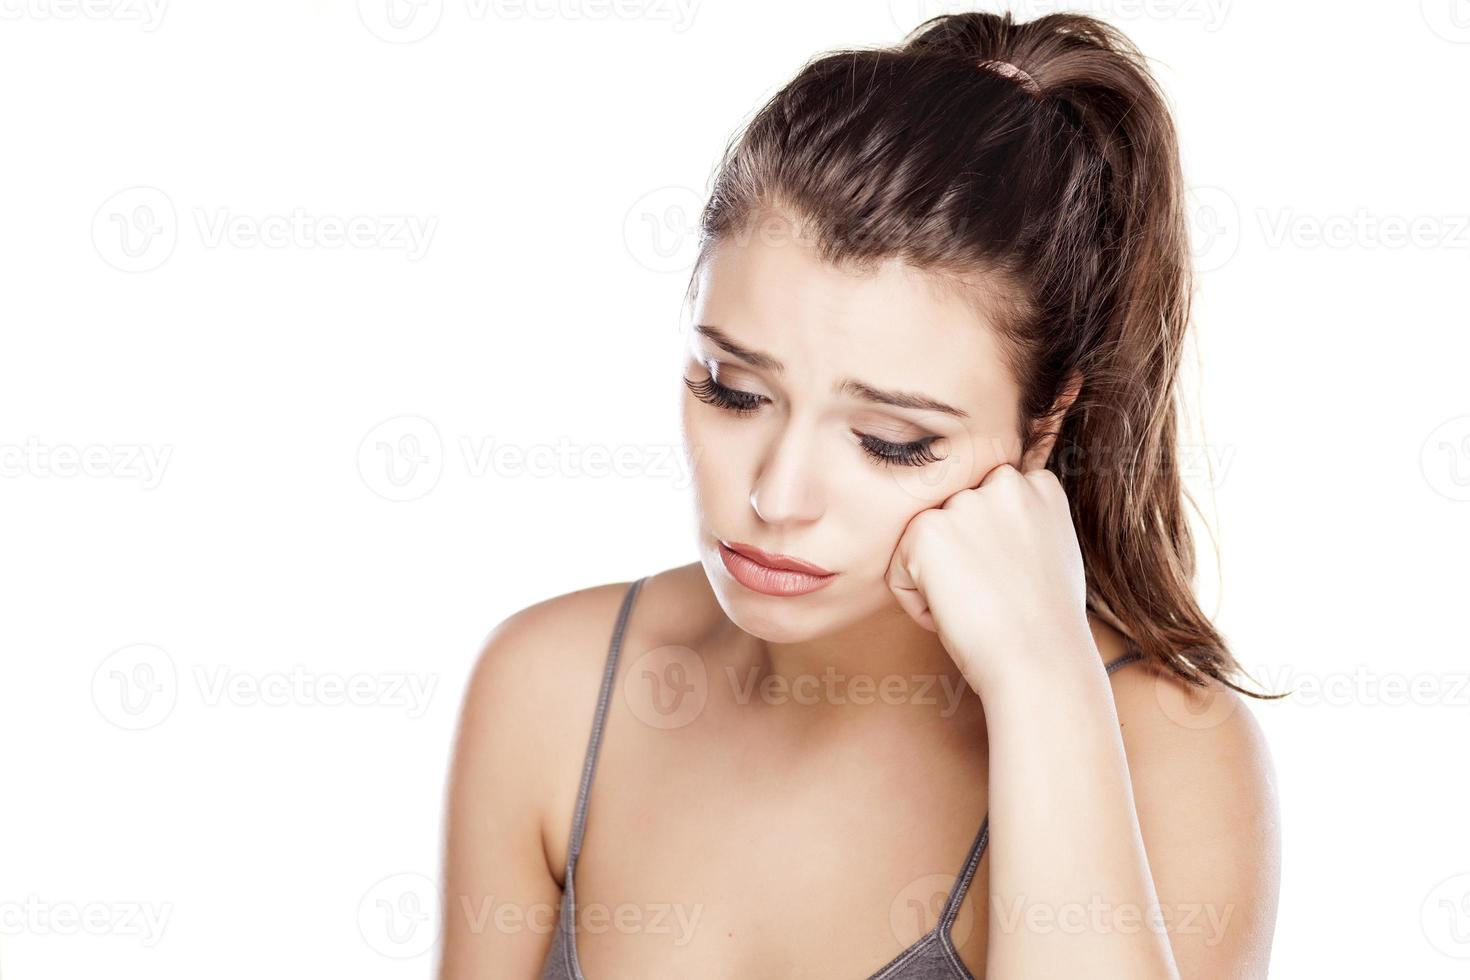 ledsen och ensam foto